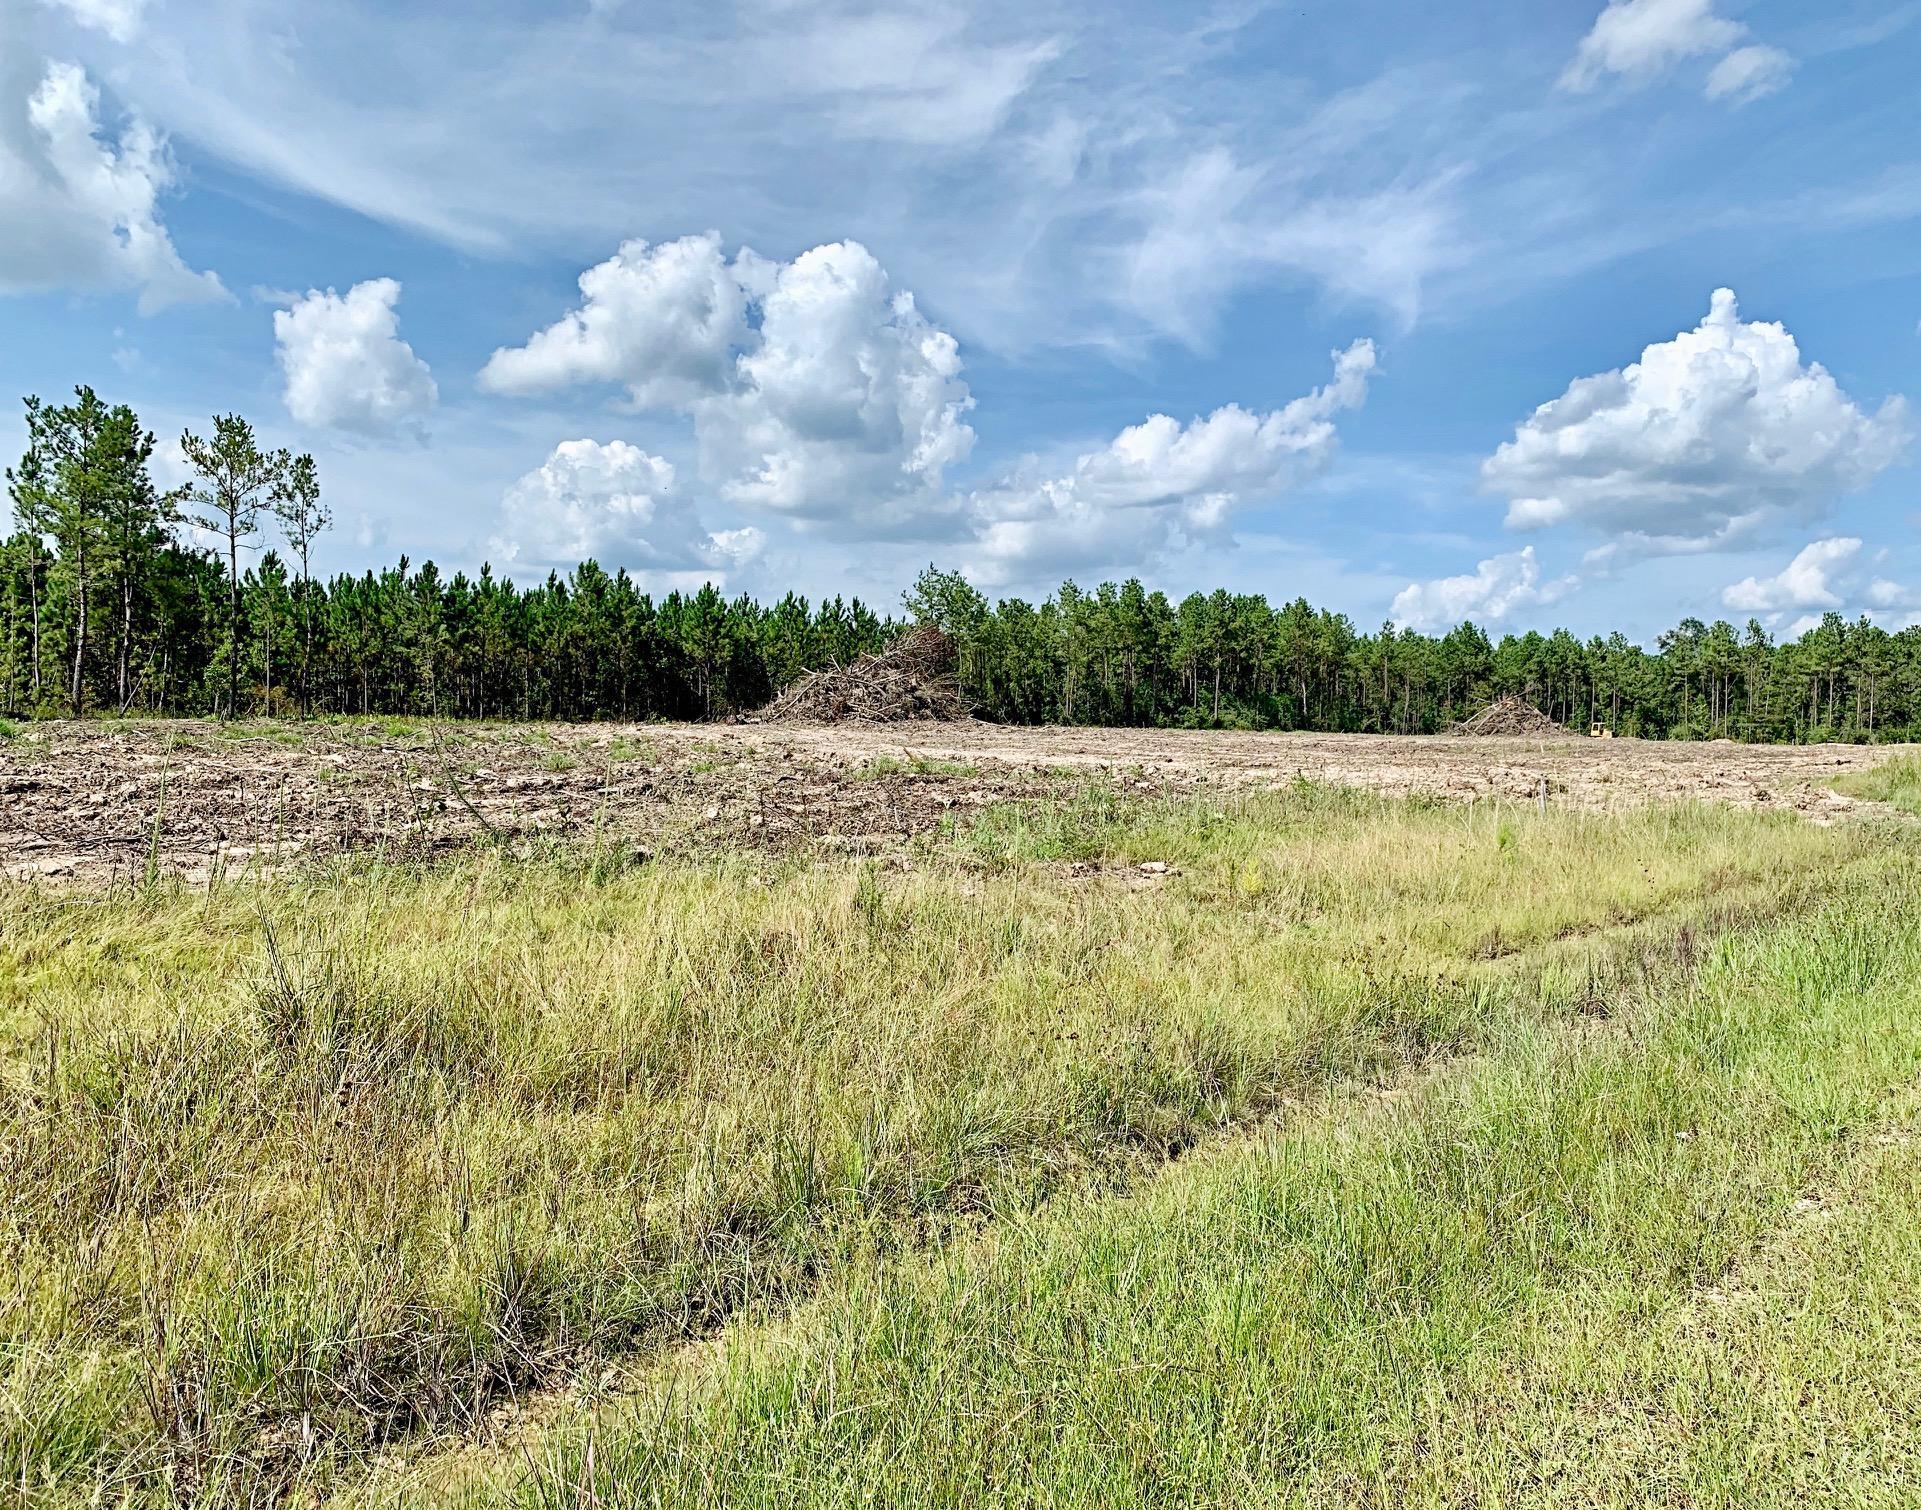 Ragley land for sale,  TBD Magnolia Church Rd, Lot 6, Ragley LA - $39,500